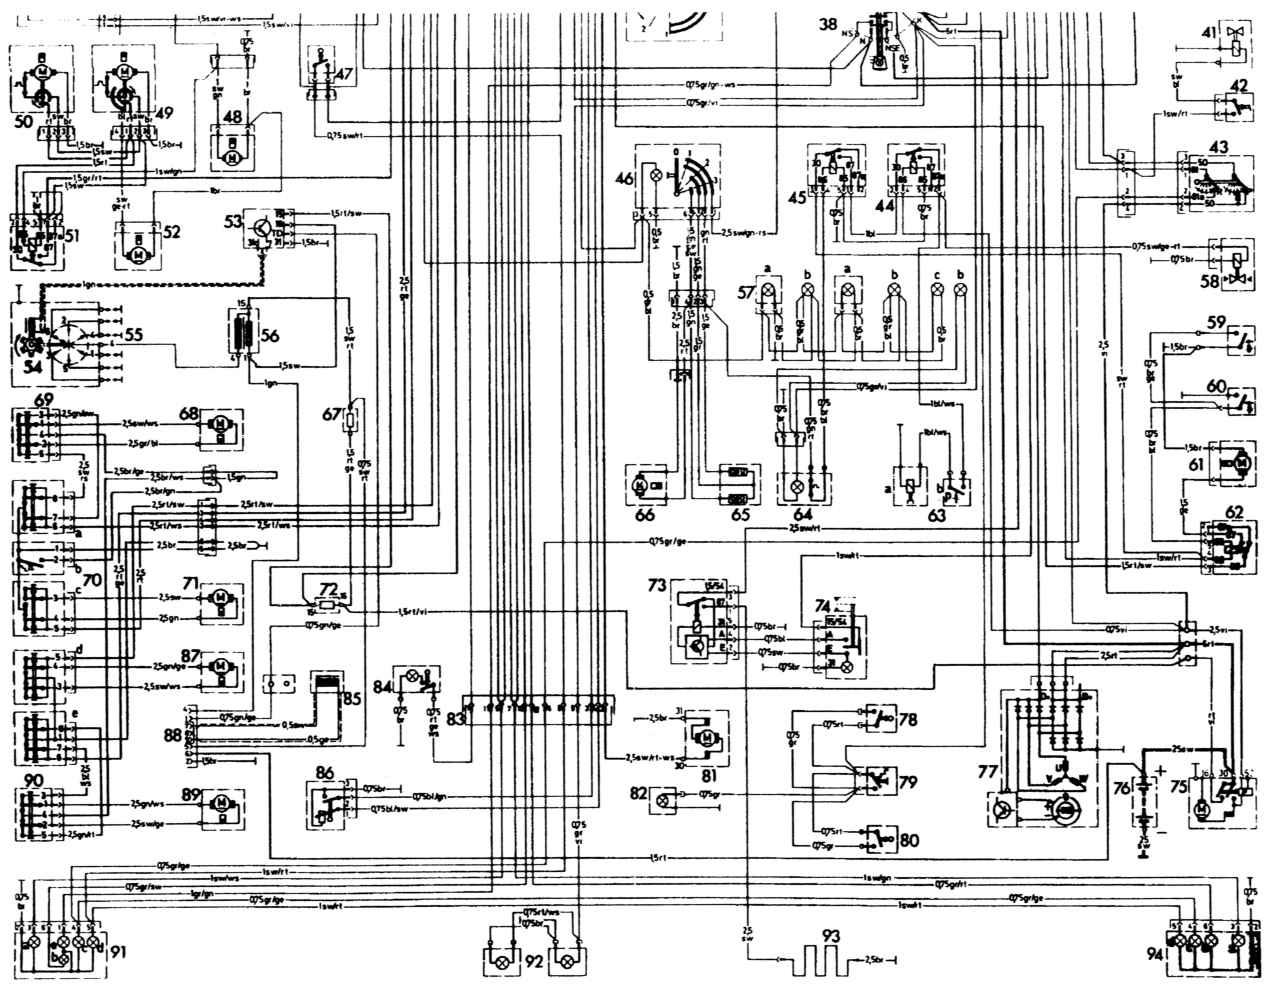 принципиальная эл.схема хонда бензиновый генератор